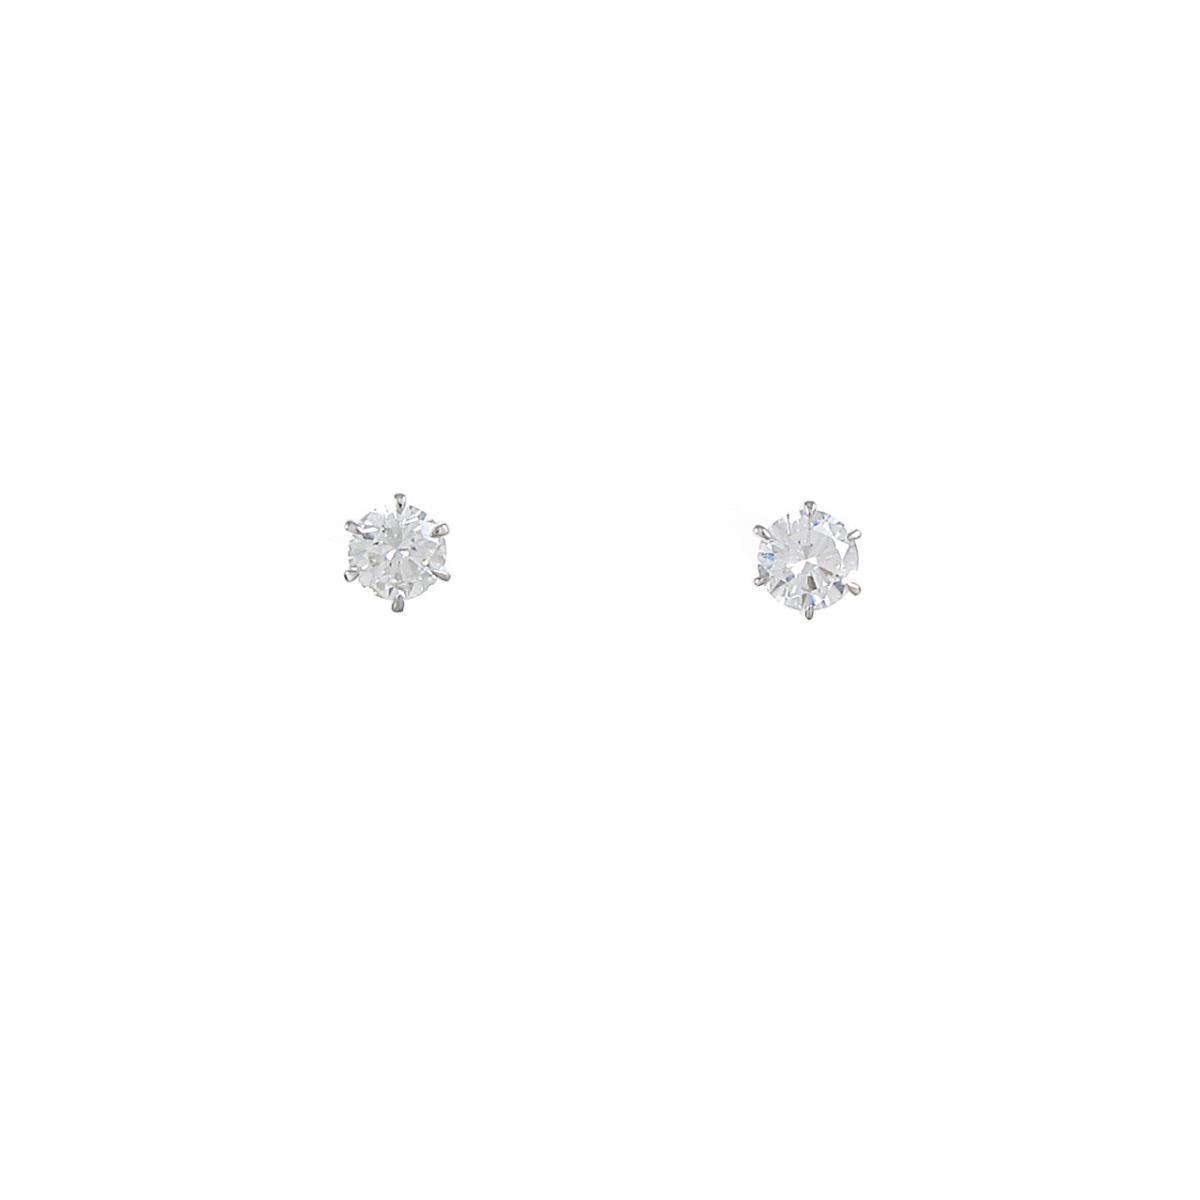 【リメイク】ST/プラチナダイヤモンドピアス 0.200ct・0.219ct・H・VS1・GOOD【中古】